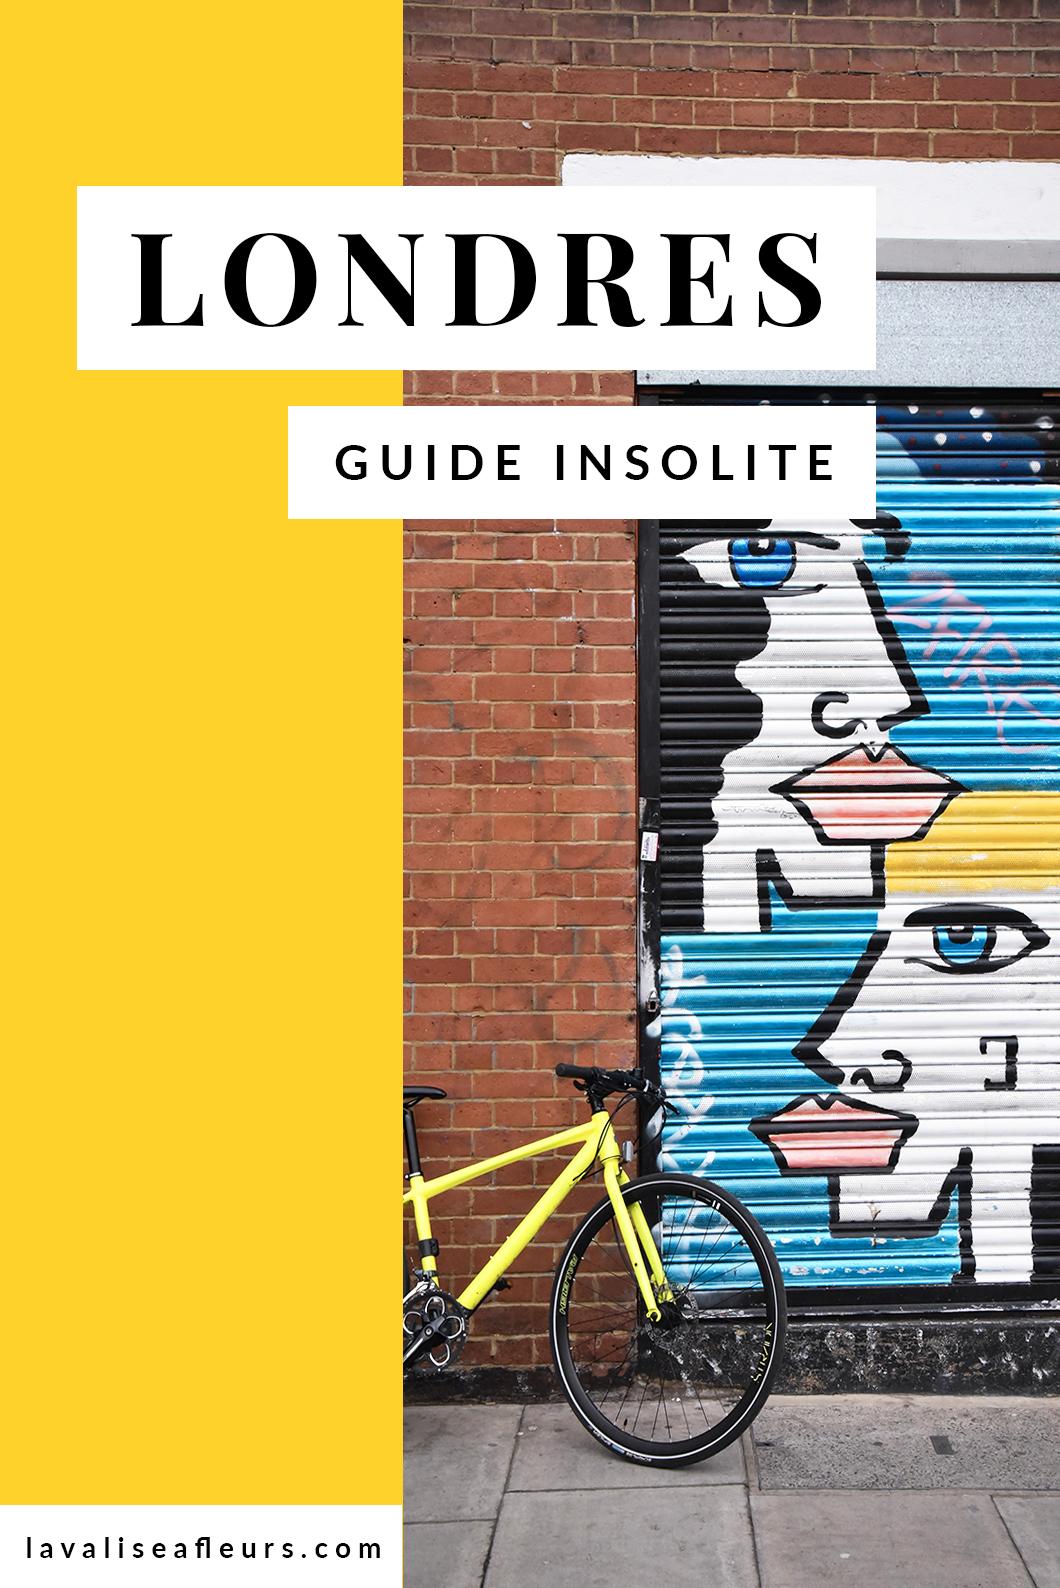 Guide insolite de Londres